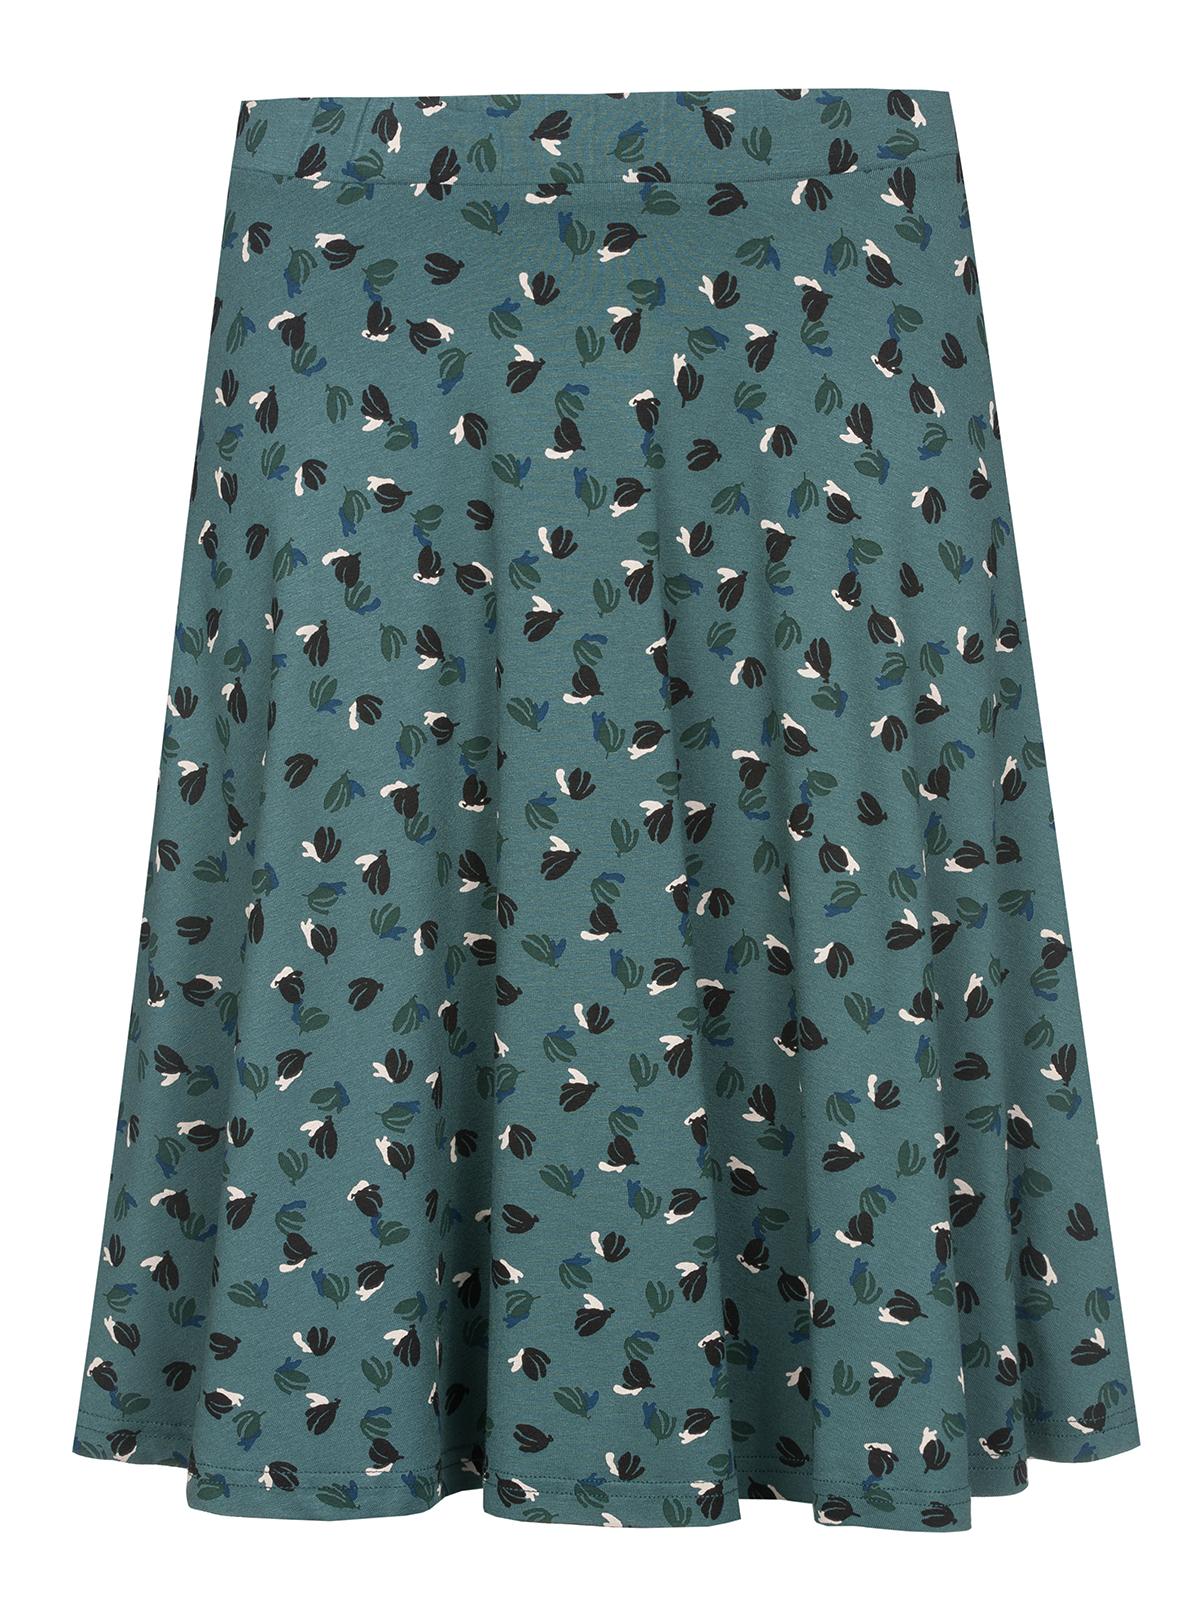 b4593b5bd10d Vive Maria Swing Babe Damen Rock Grün Allover Bekleidung Röcke